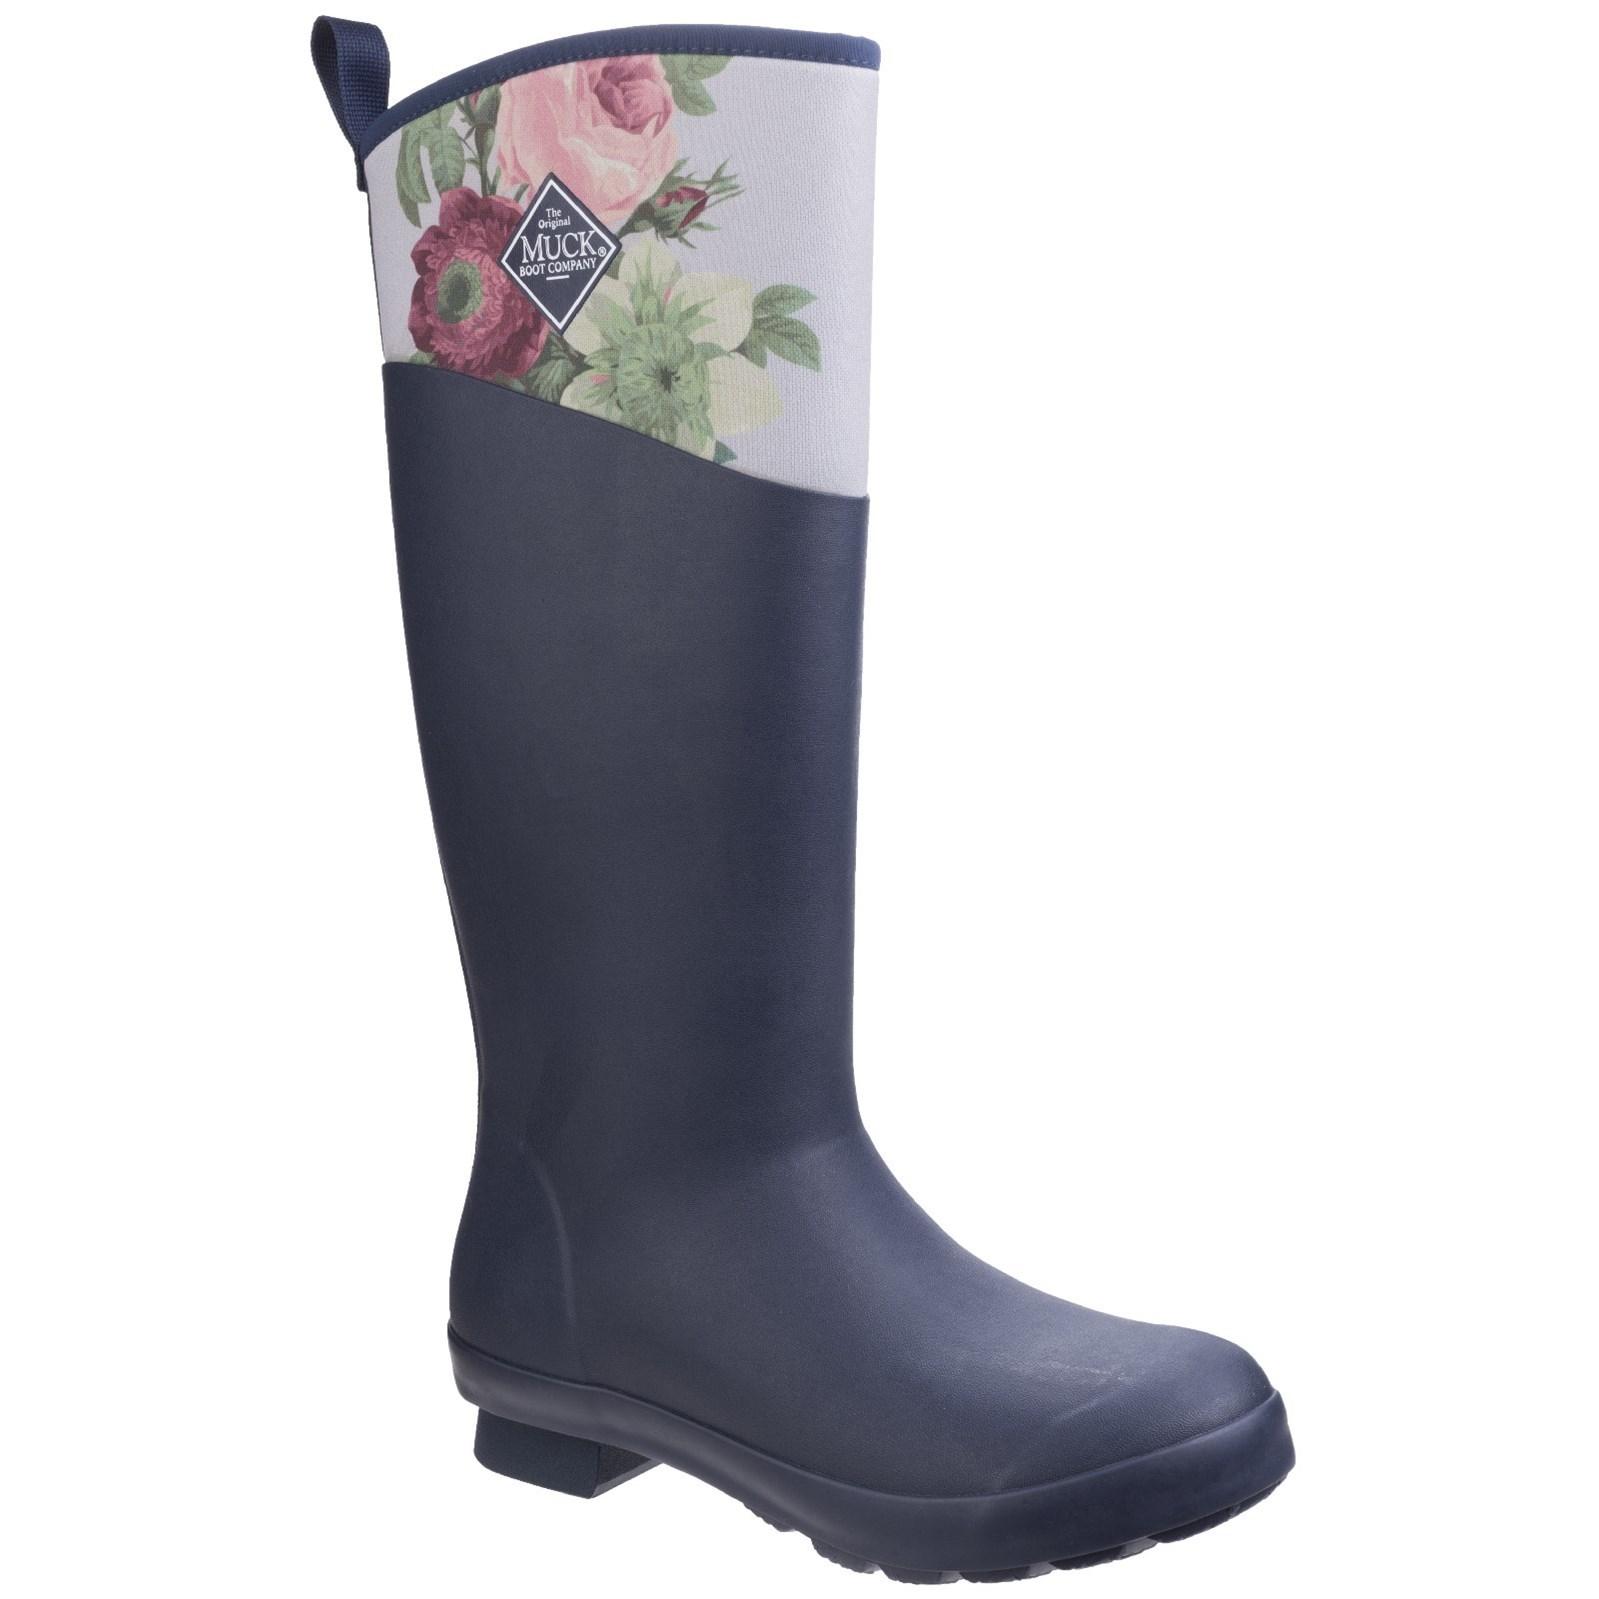 muck boots -  Gummistiefel Damen Tremont RHS Print